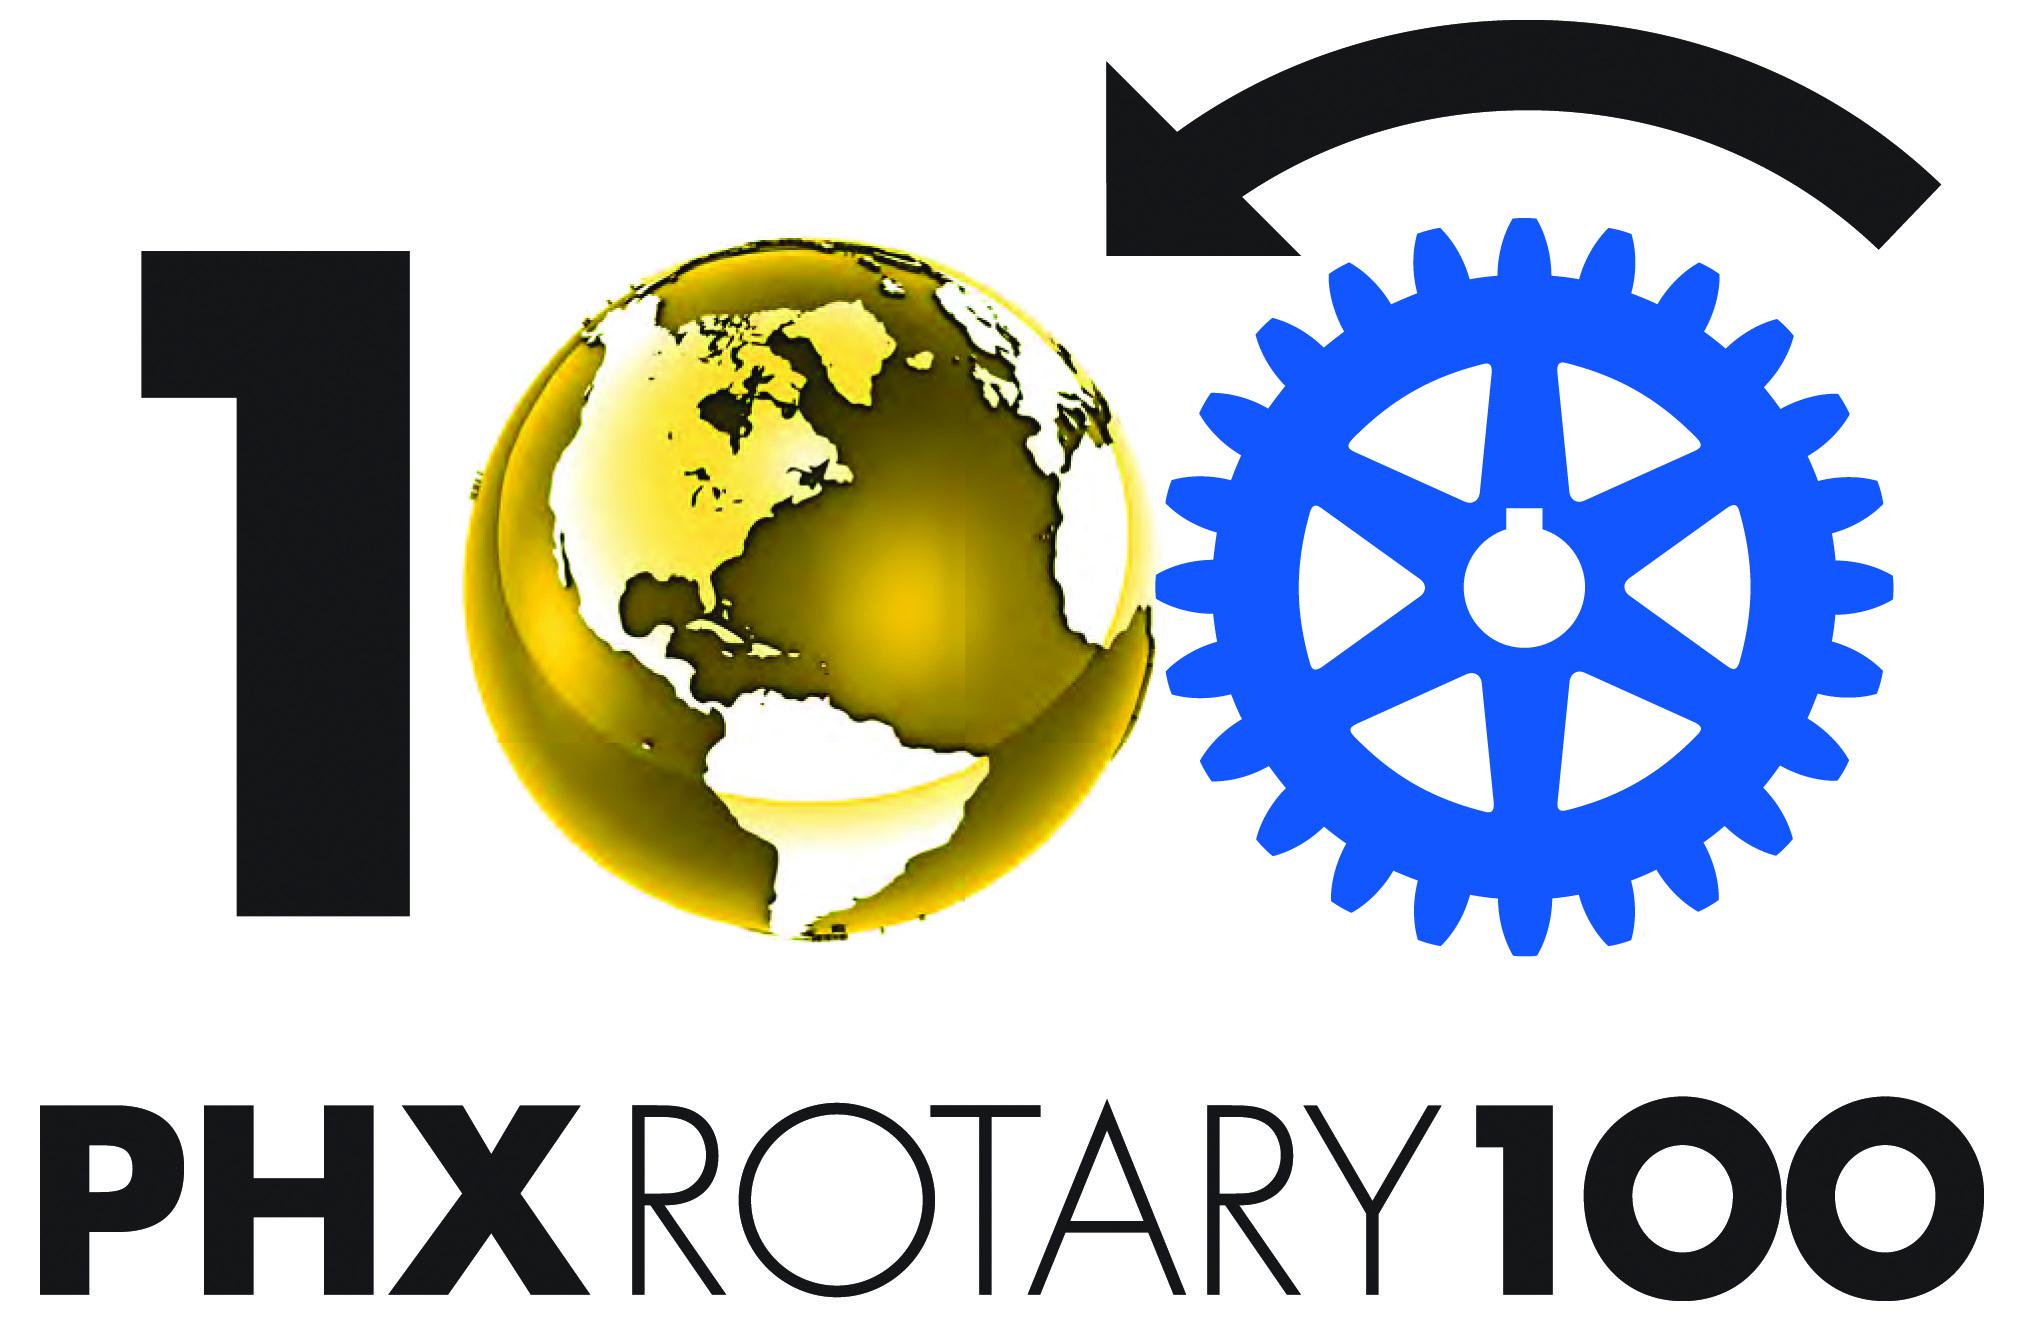 Phoenix Rotary 100